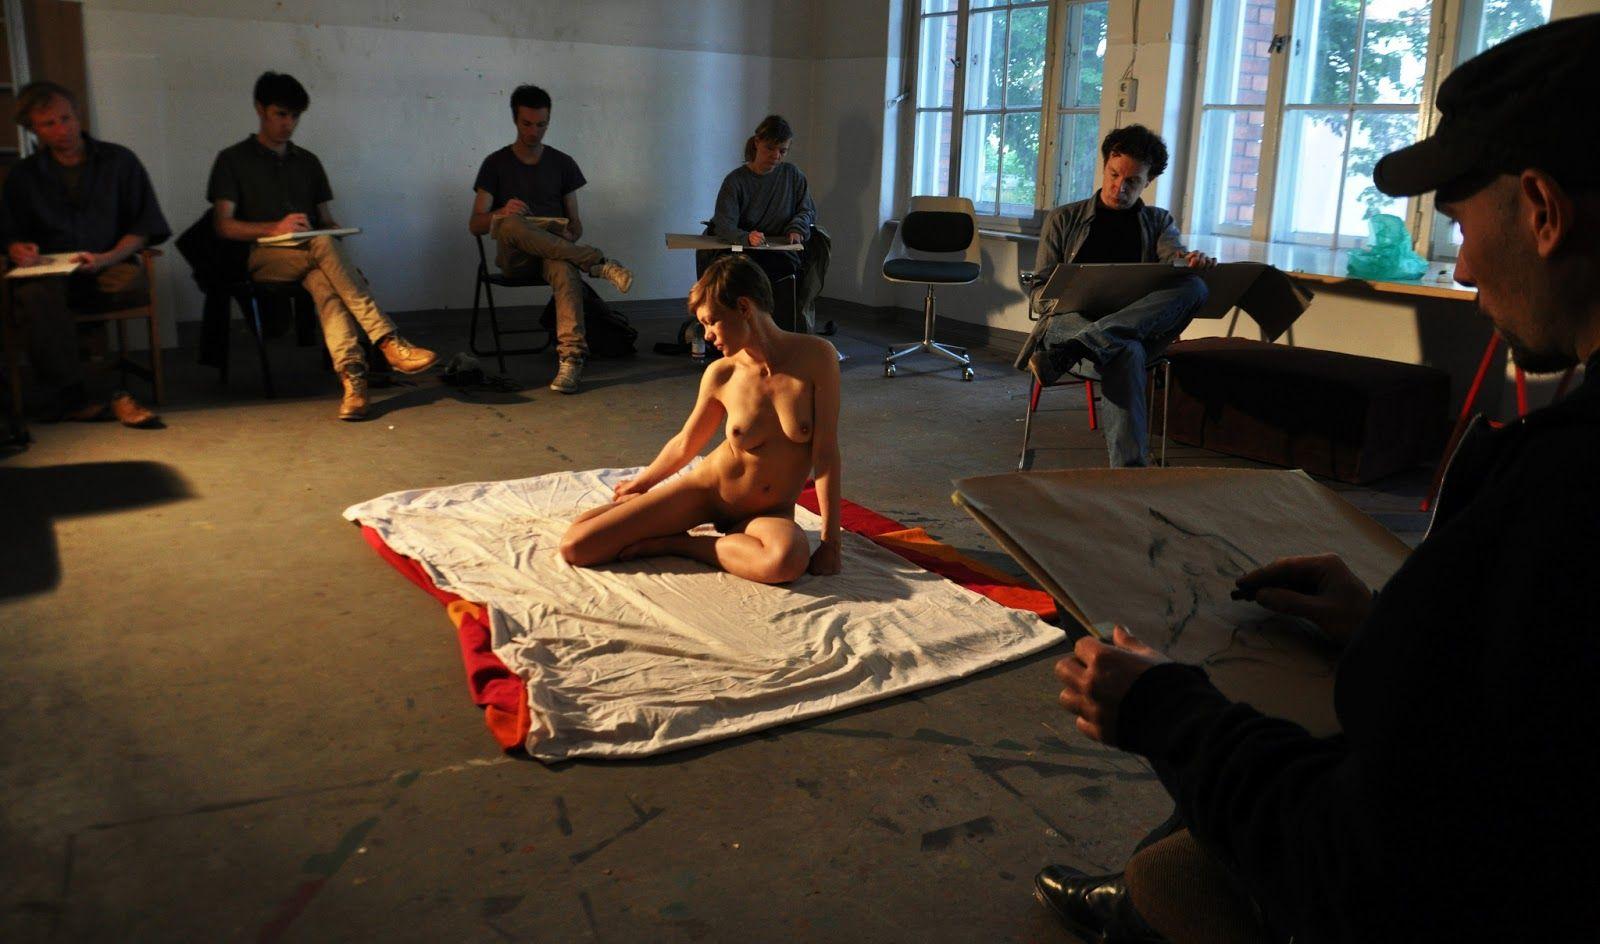 Rachael c nude art class wank it now